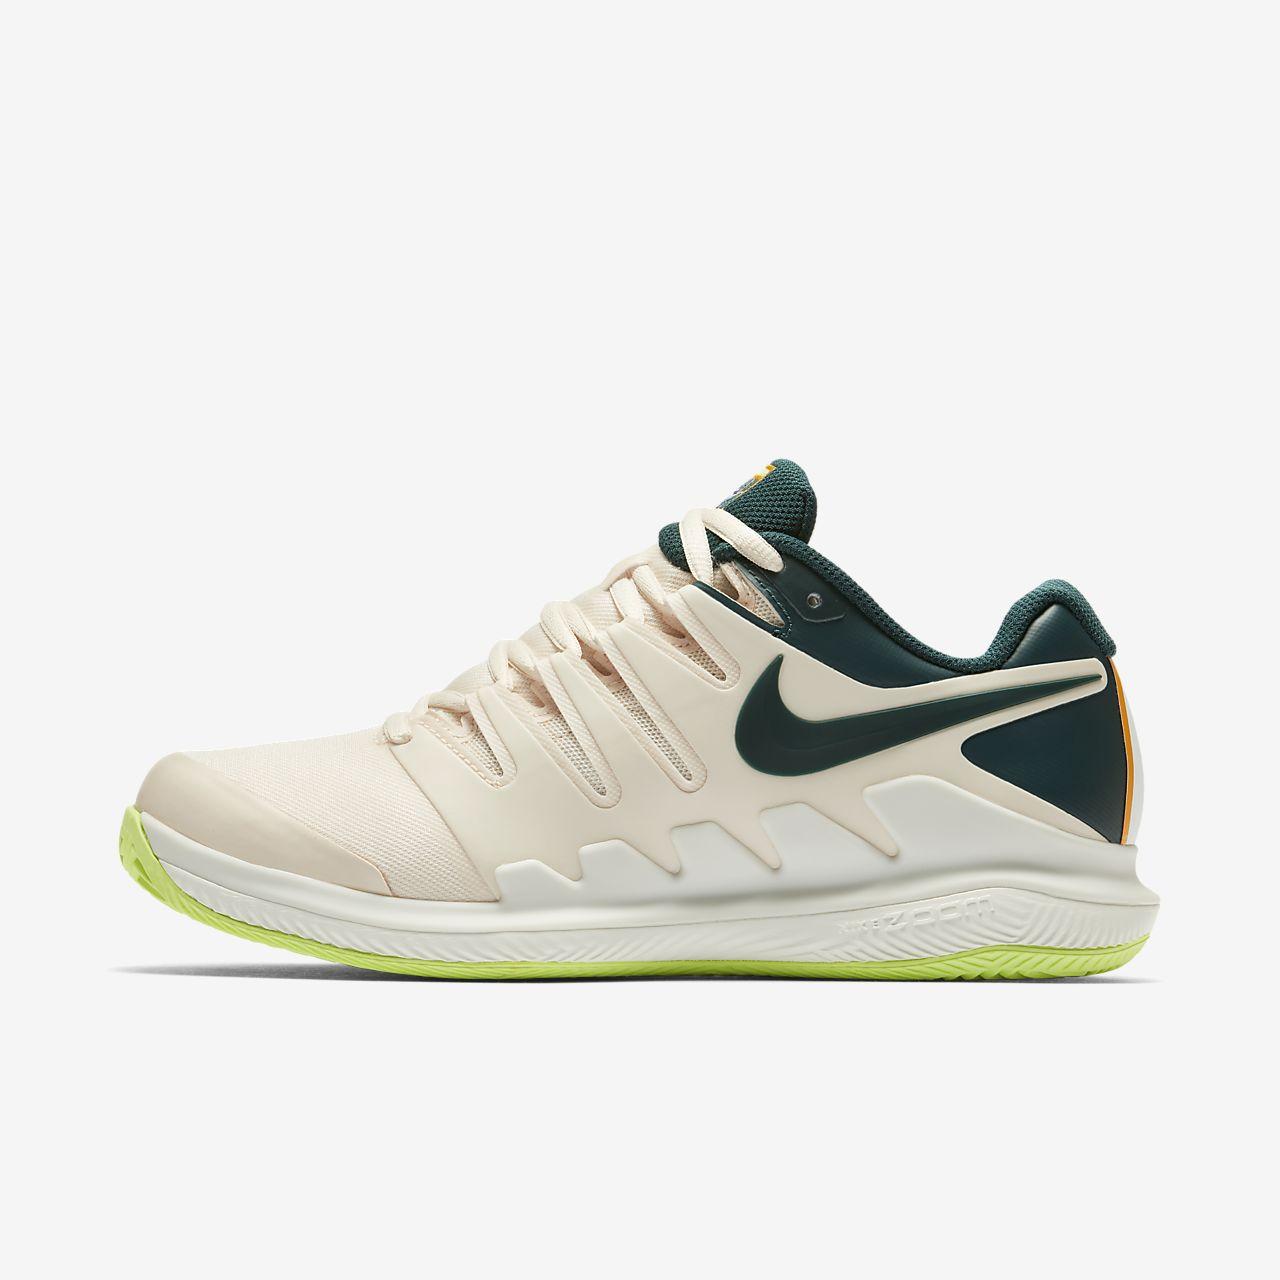 Air Pour Chaussure Nike Zoom Femme Tennis Clay X De Lu Vapor FFH1t8qw